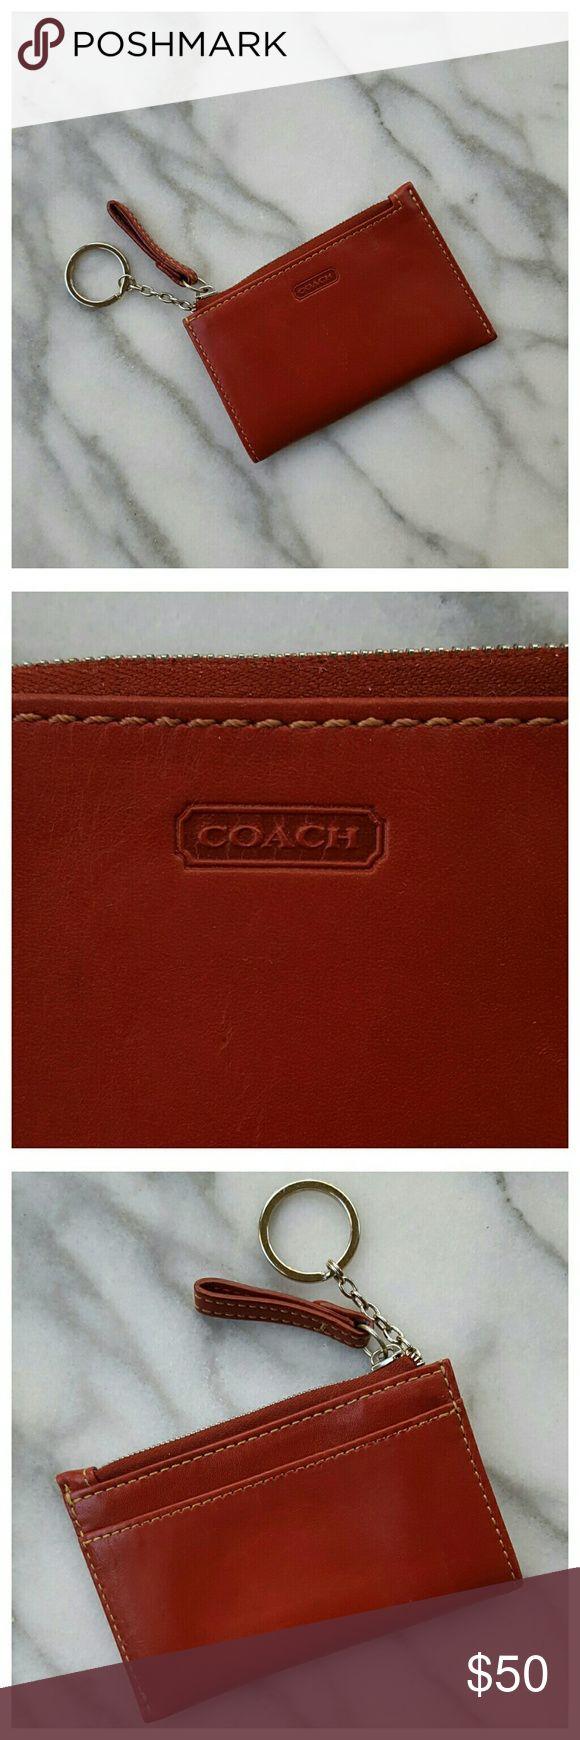 coach coin purse outlet 14iu  coach coin purse keychain